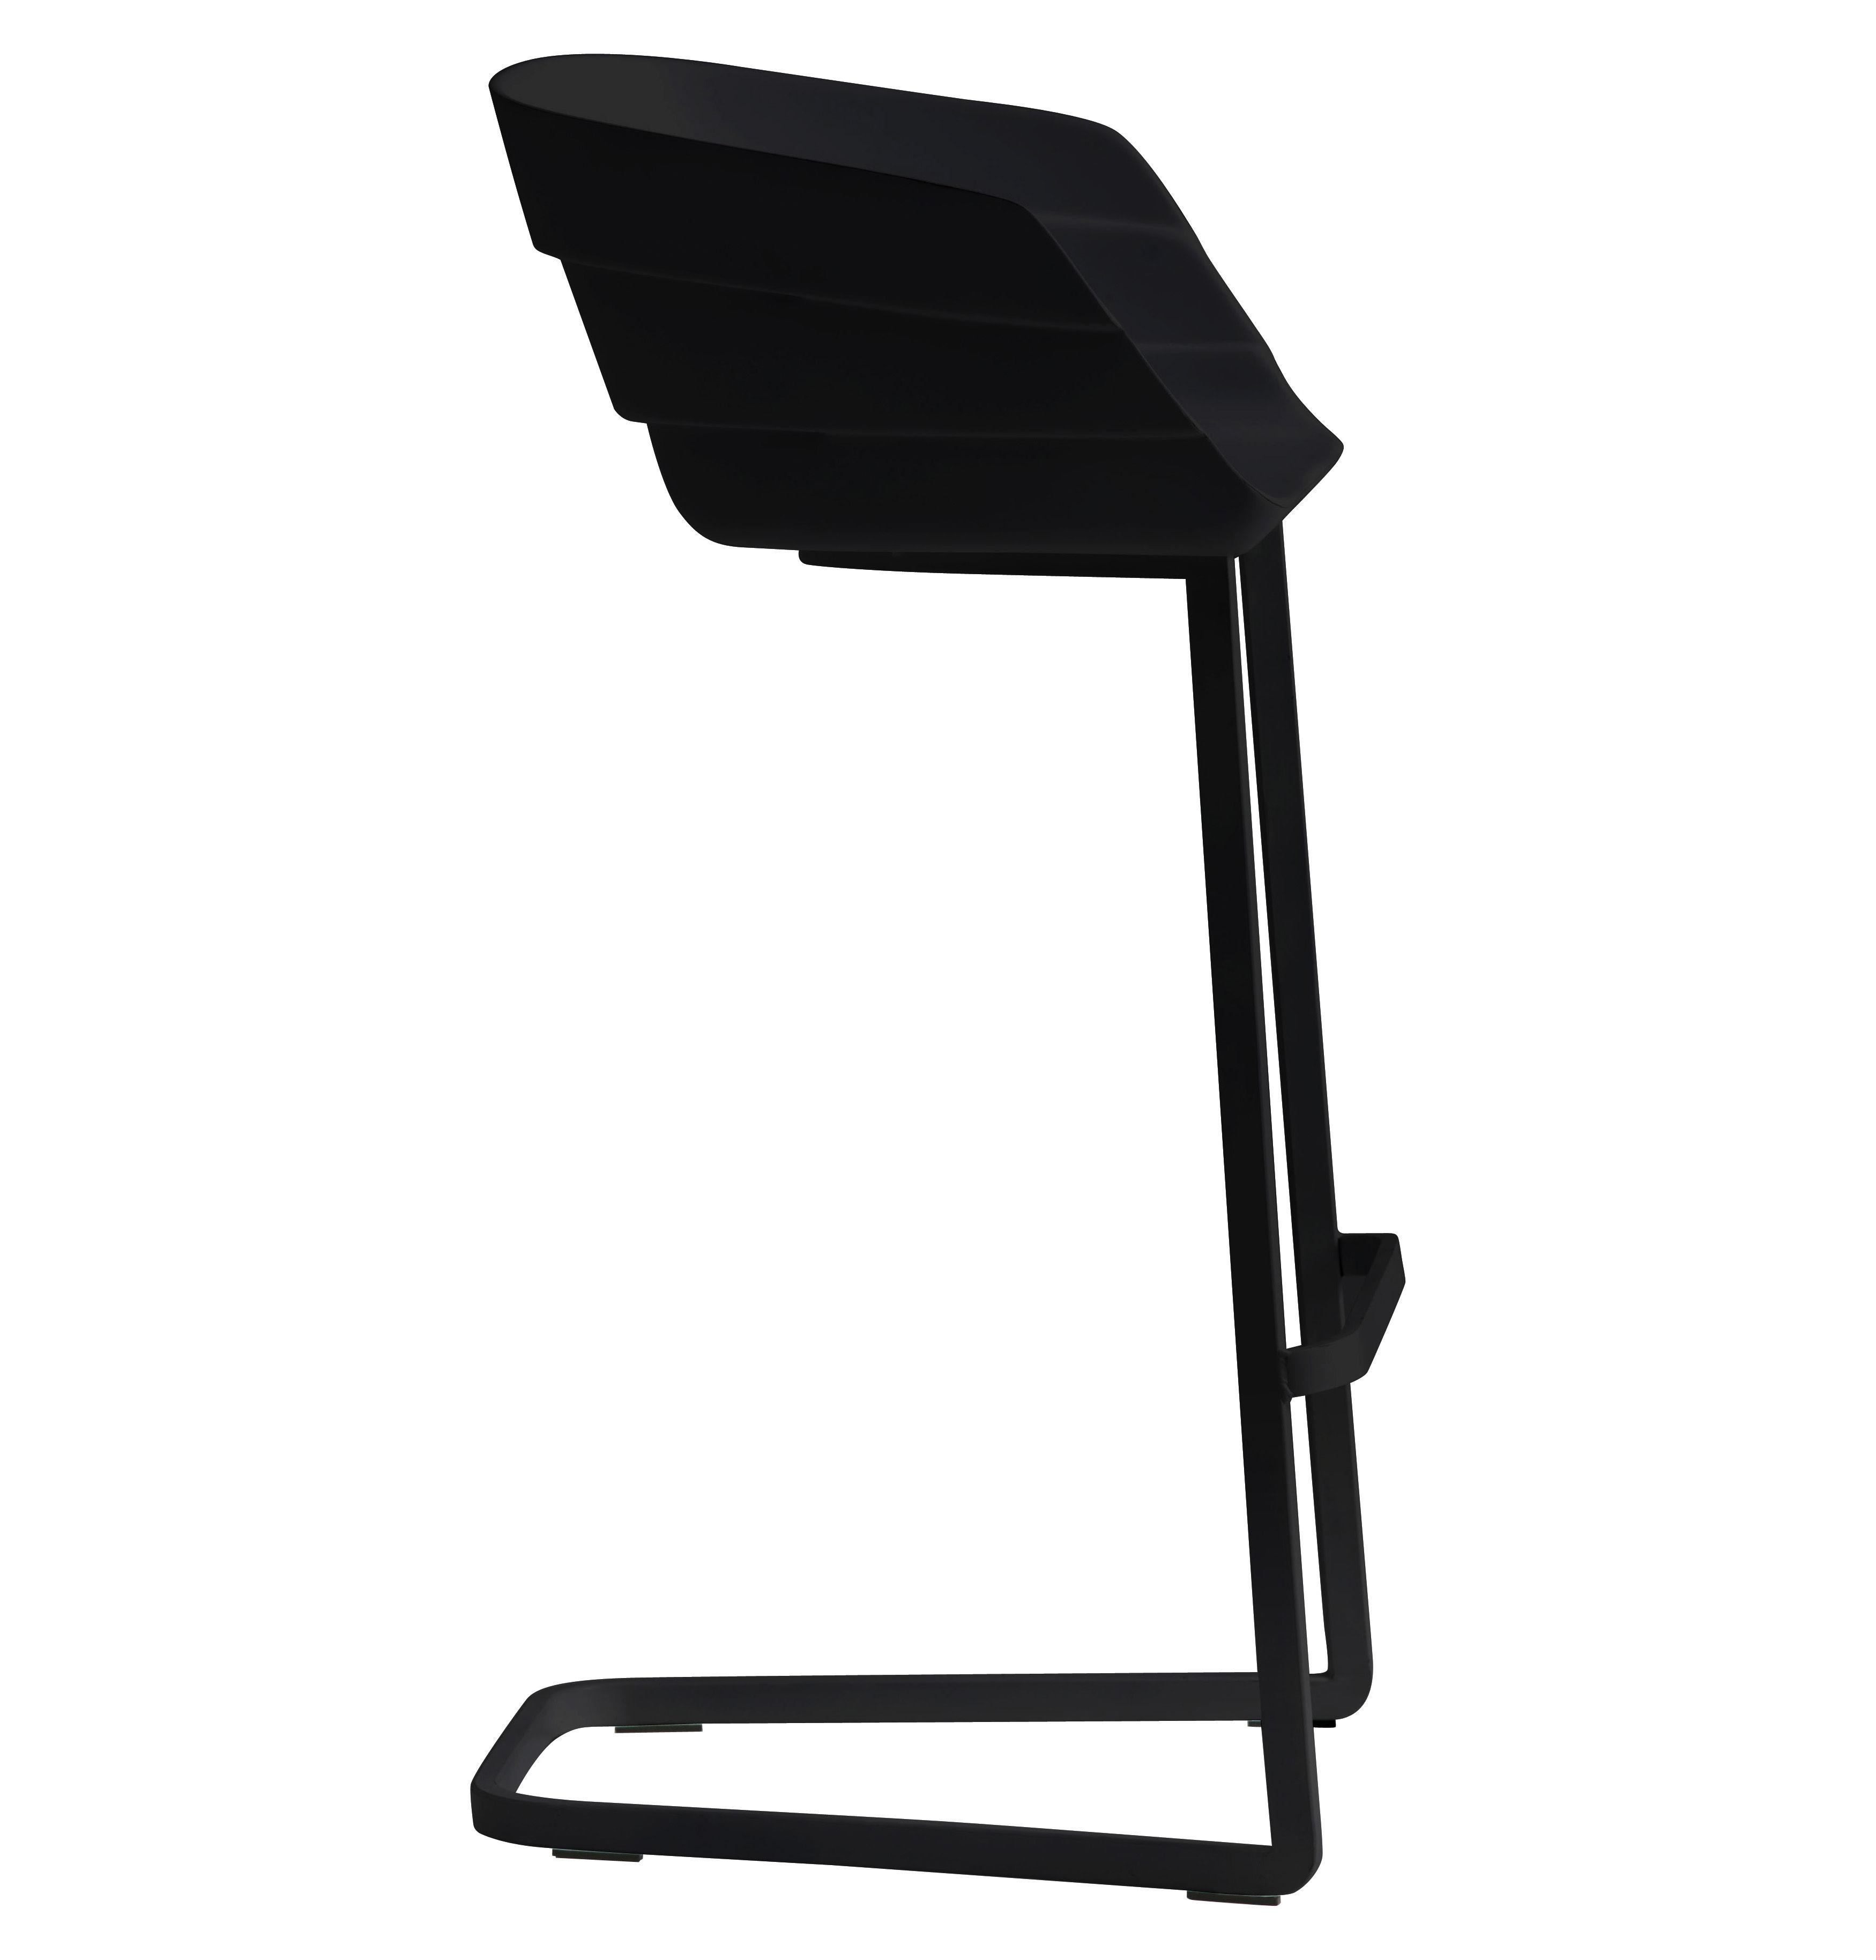 Mobilier - Tabourets de bar - Chaise de bar Rift / H 65 cm - Coque plastique & pied métal - Moroso - Noir / Piètement noir - Acier verni, Polyuréthane